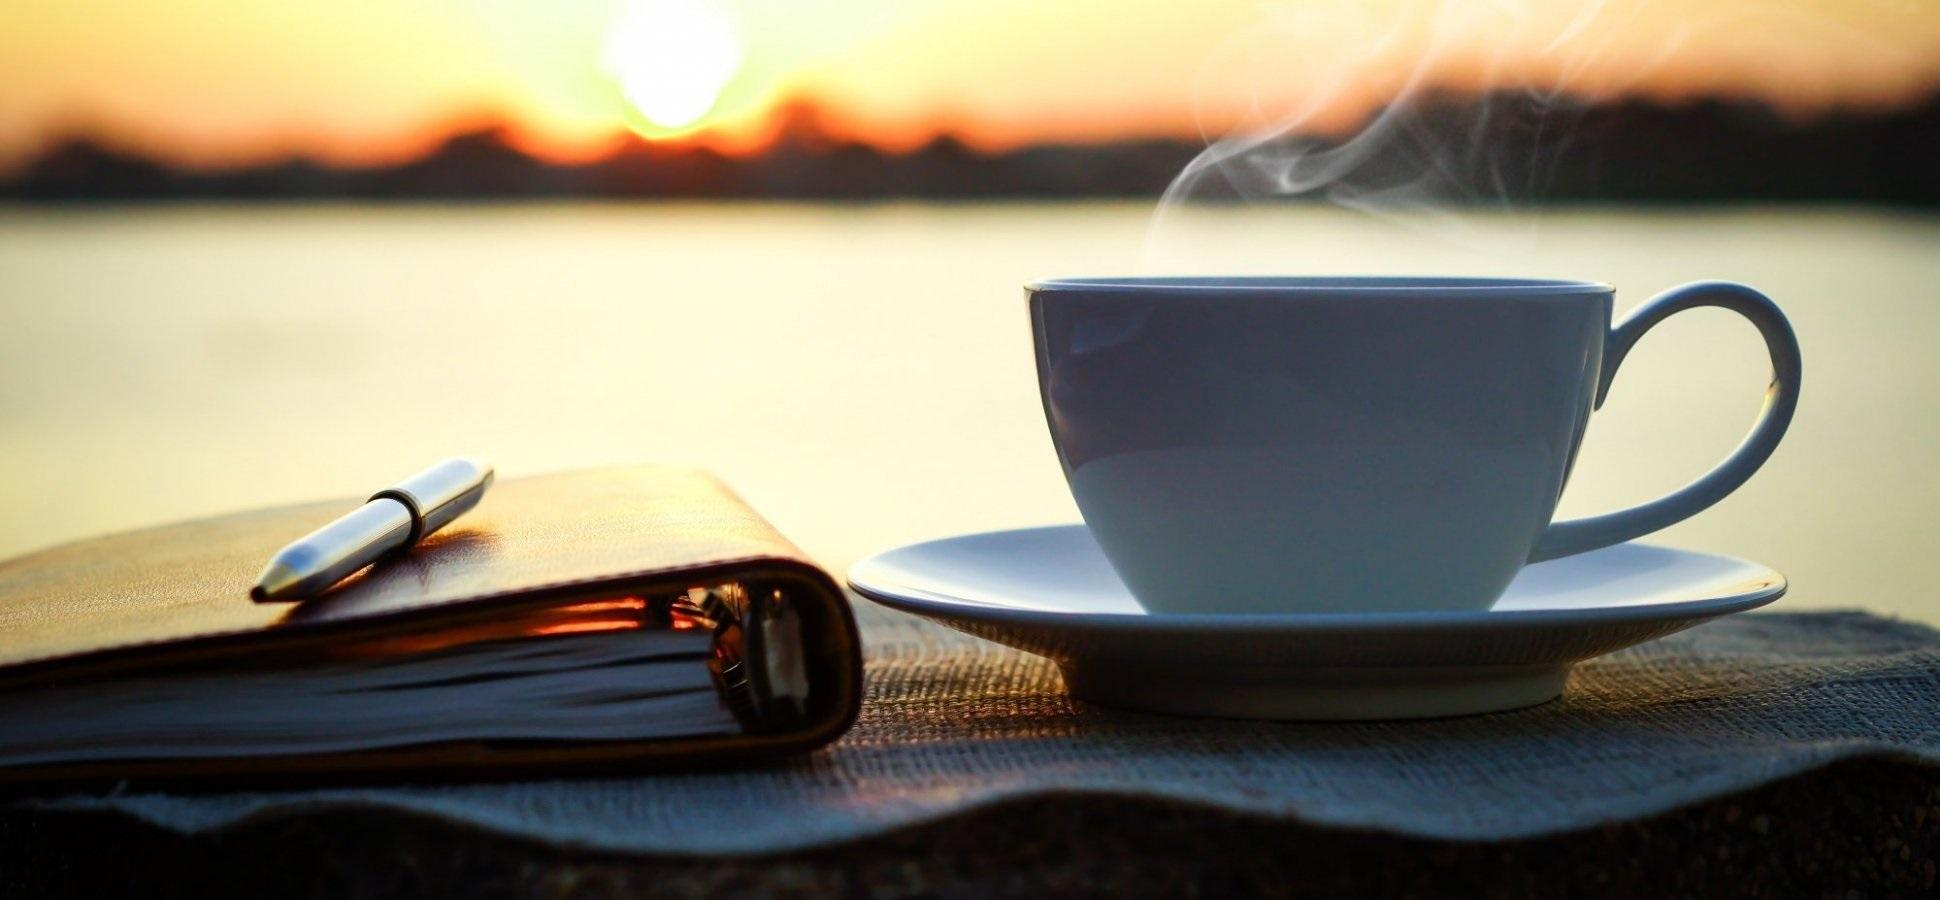 Доброе утро понедельника и удачной недели картинки, открытка текст